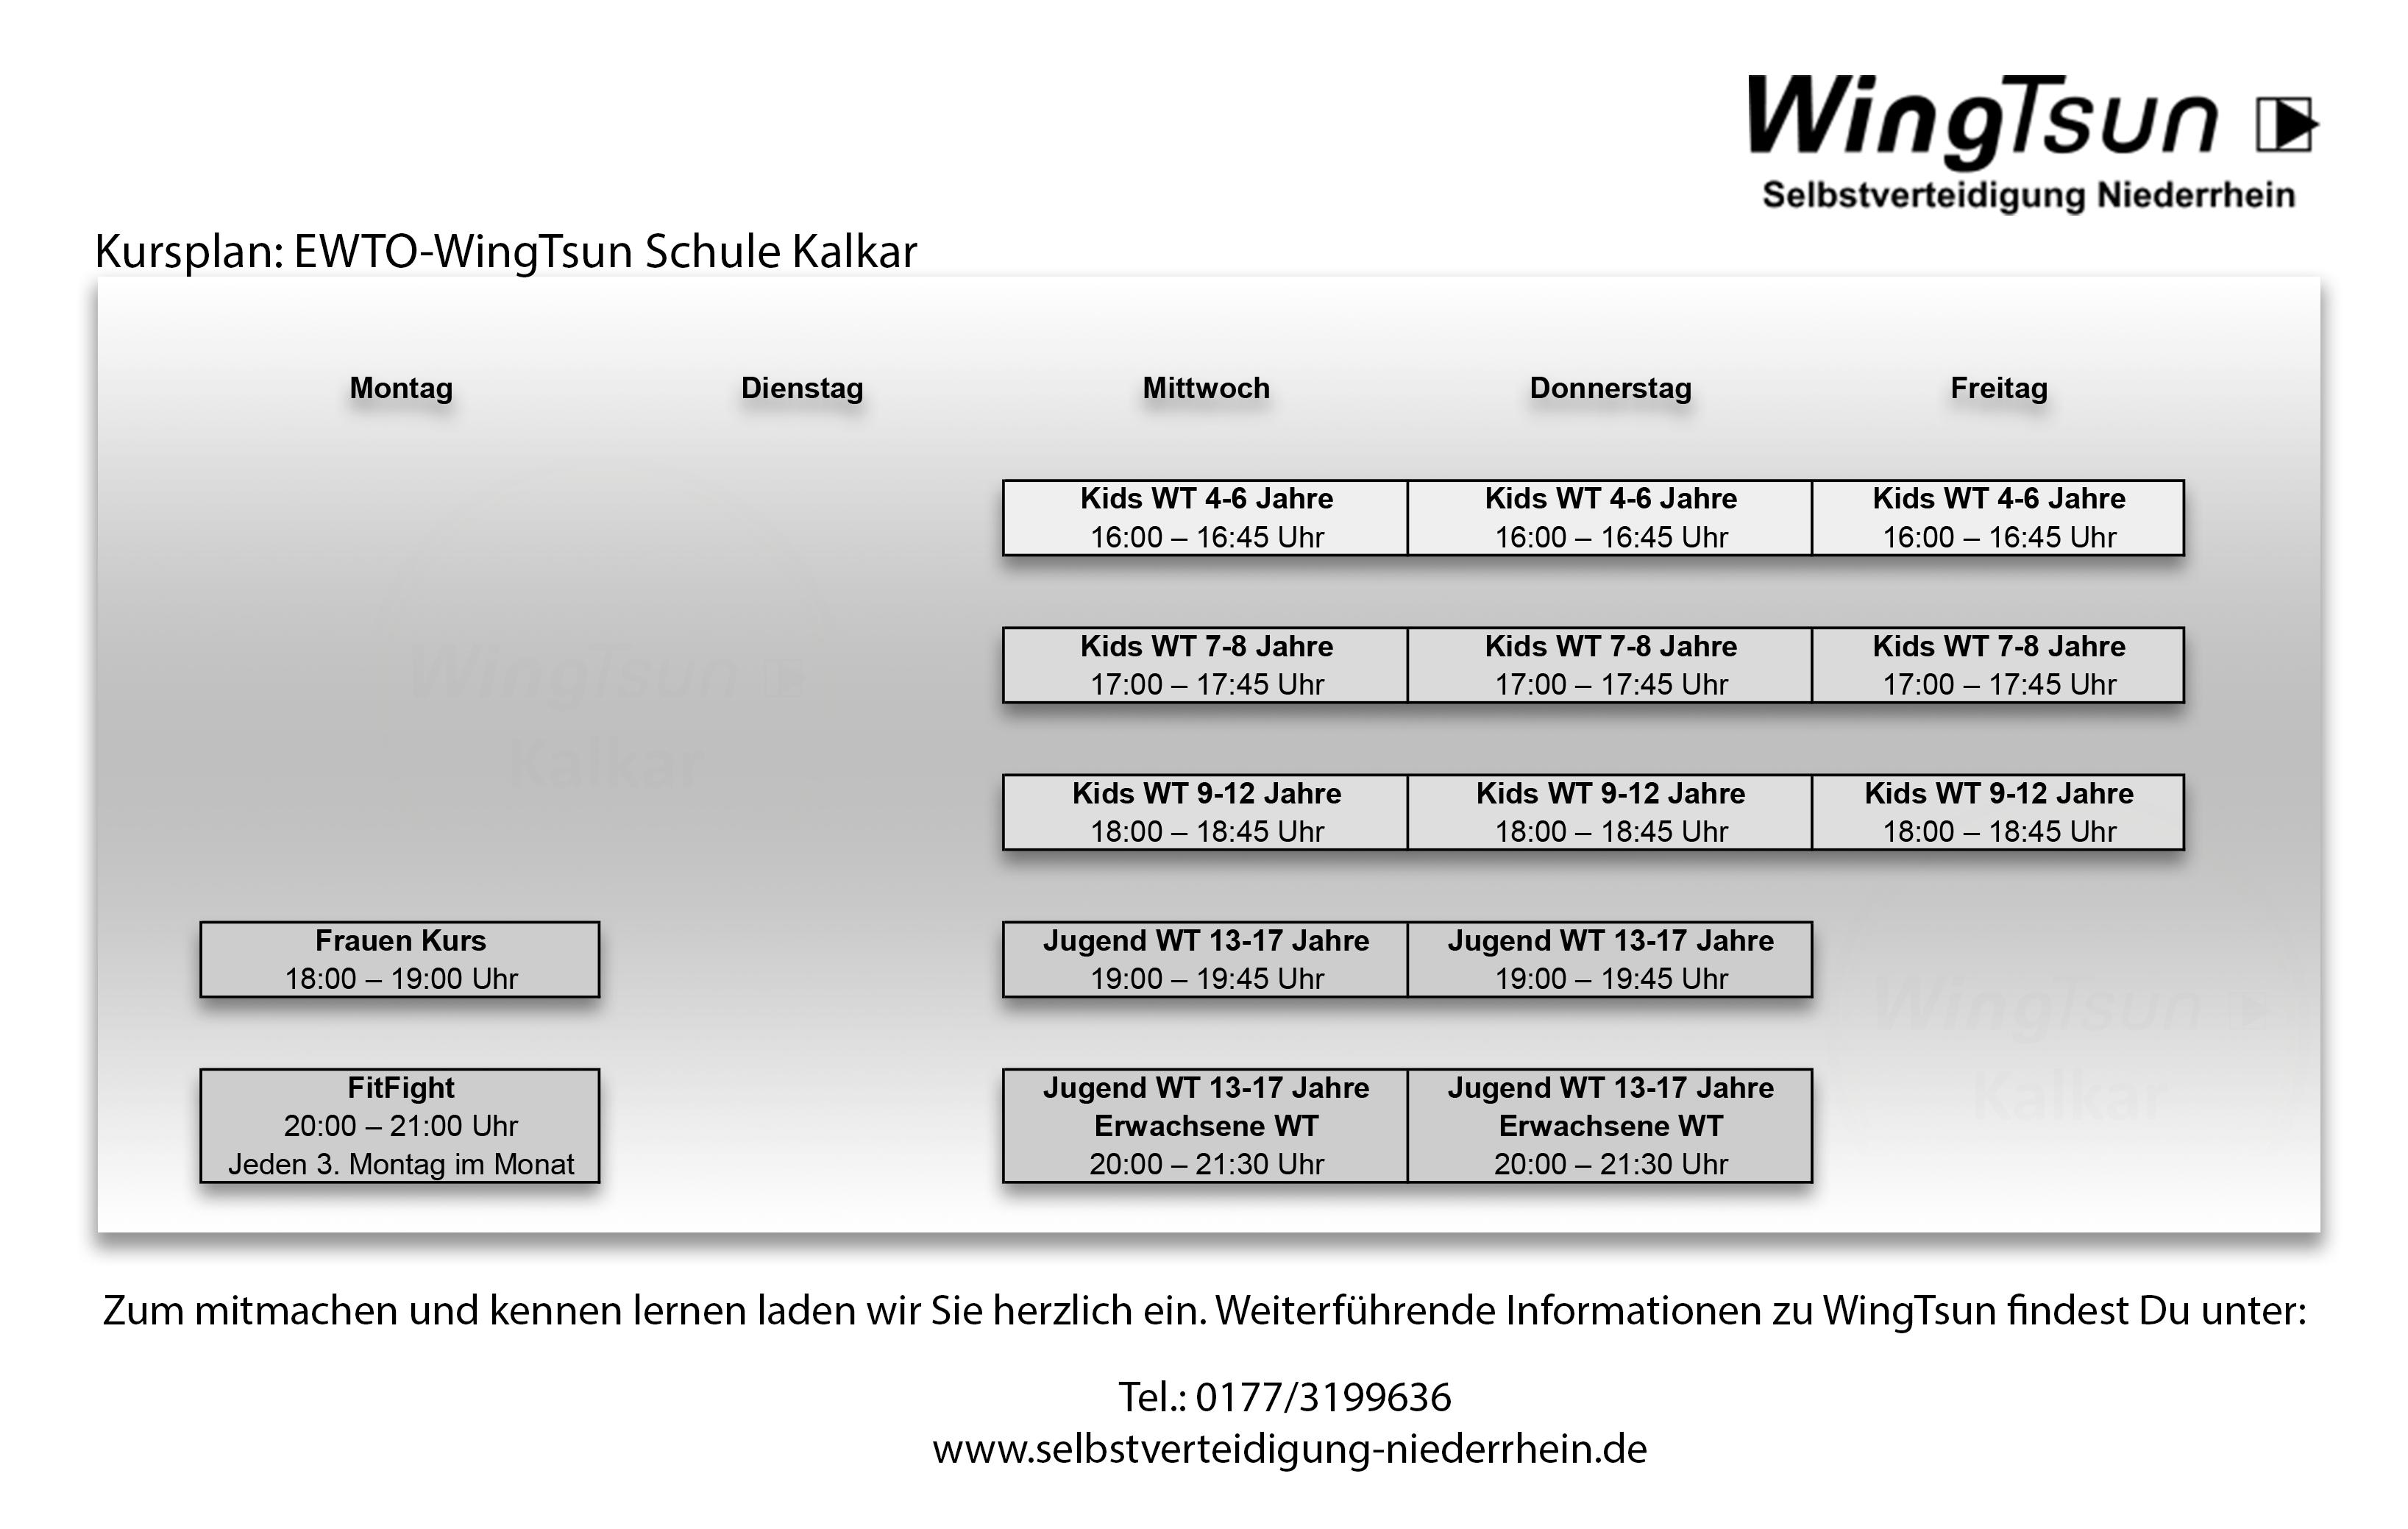 Neue Kurszeiten in der WingTsun Schule Kalkar ab dem 28. August 2019